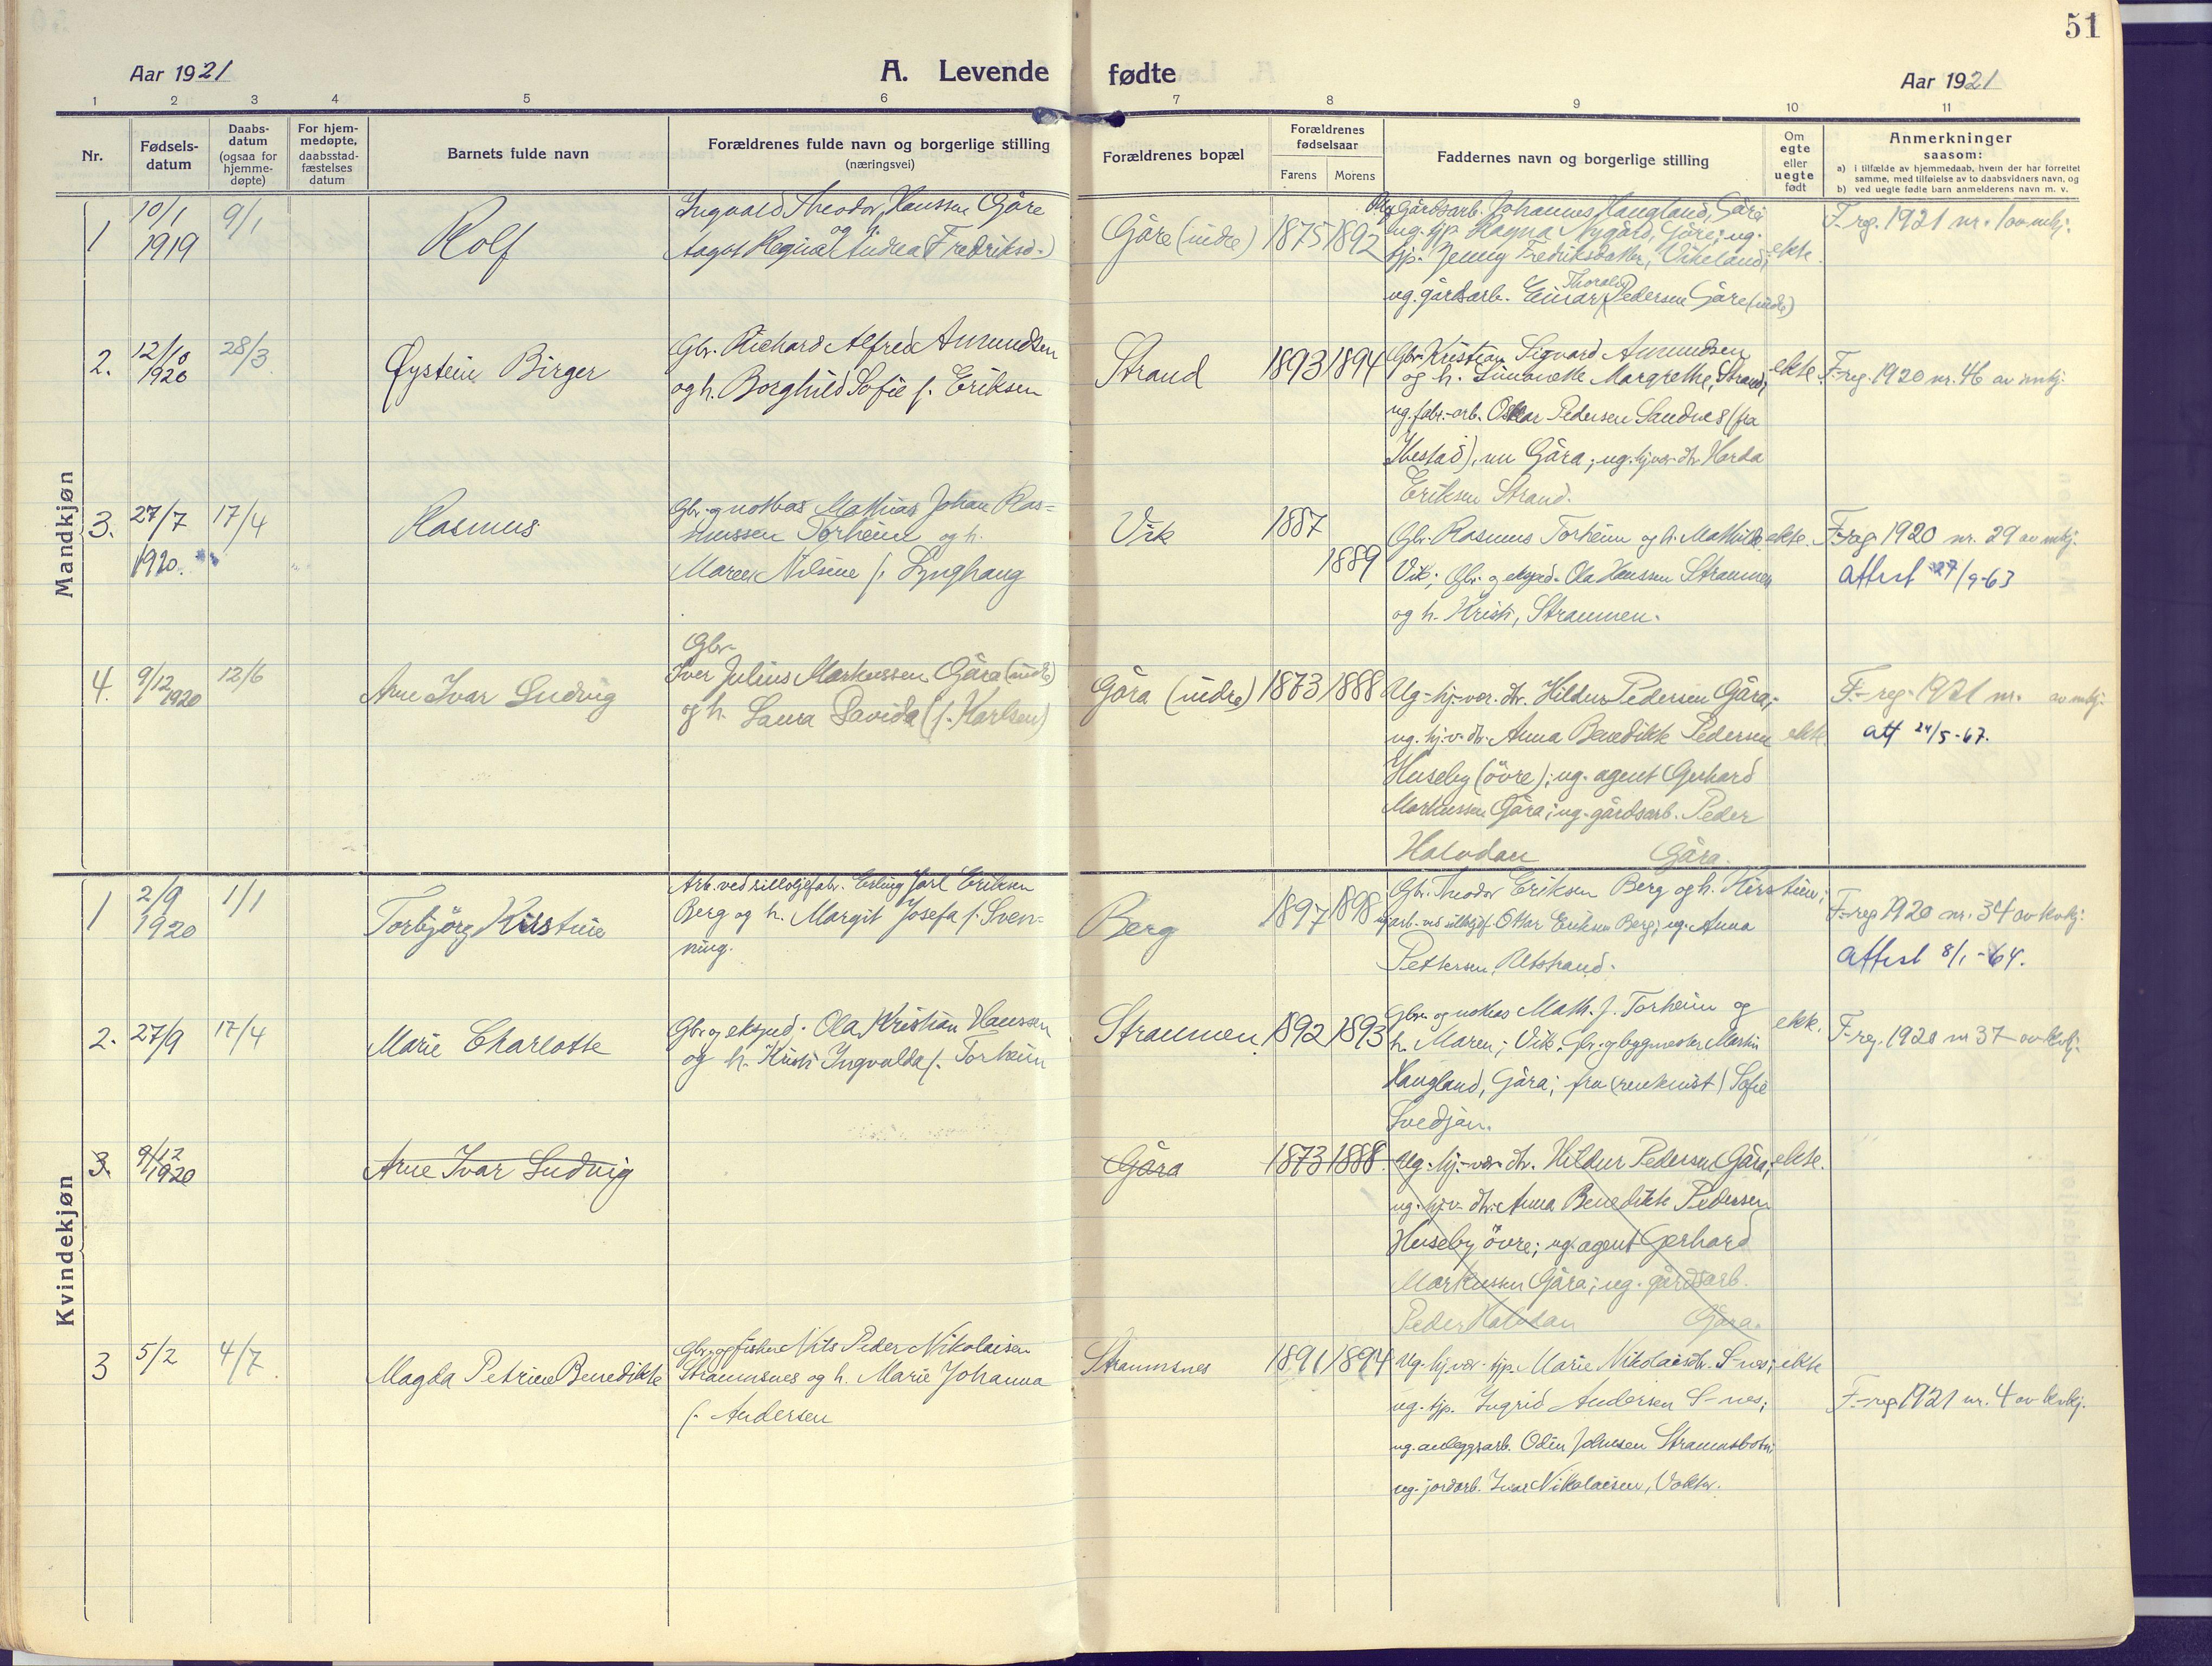 SATØ, Kvæfjord sokneprestkontor, G/Ga/Gaa/L0007kirke: Ministerialbok nr. 7, 1915-1931, s. 51